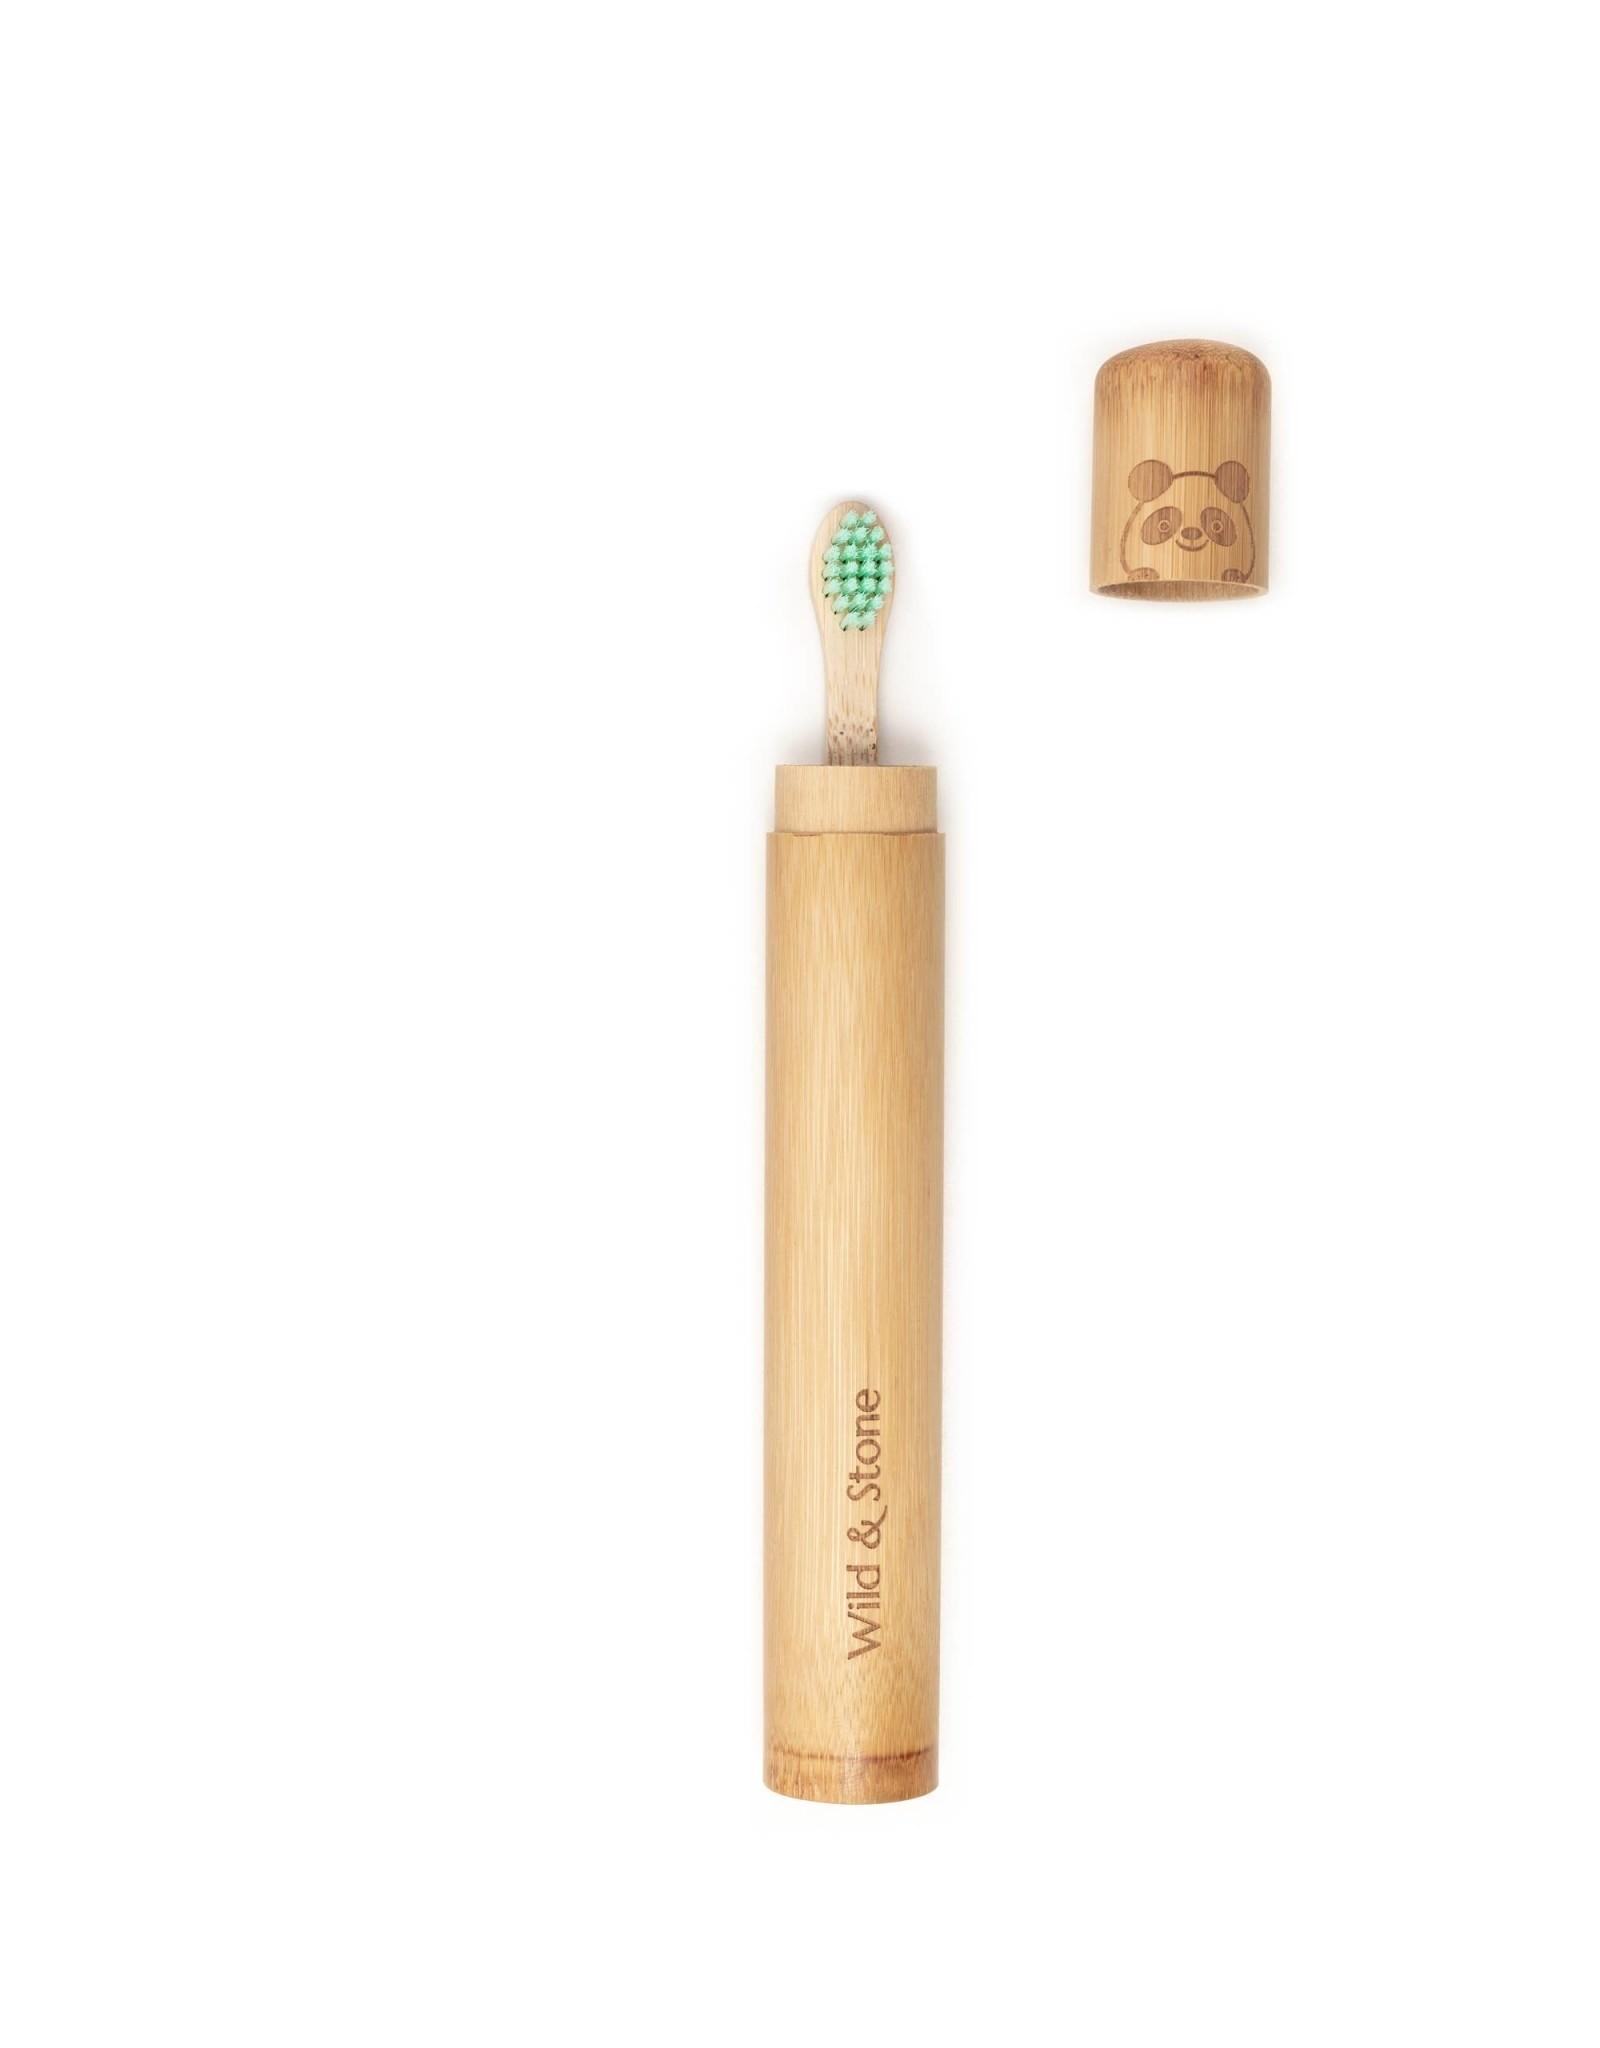 Wild & Stone Children's Bamboo Toothbrush Case